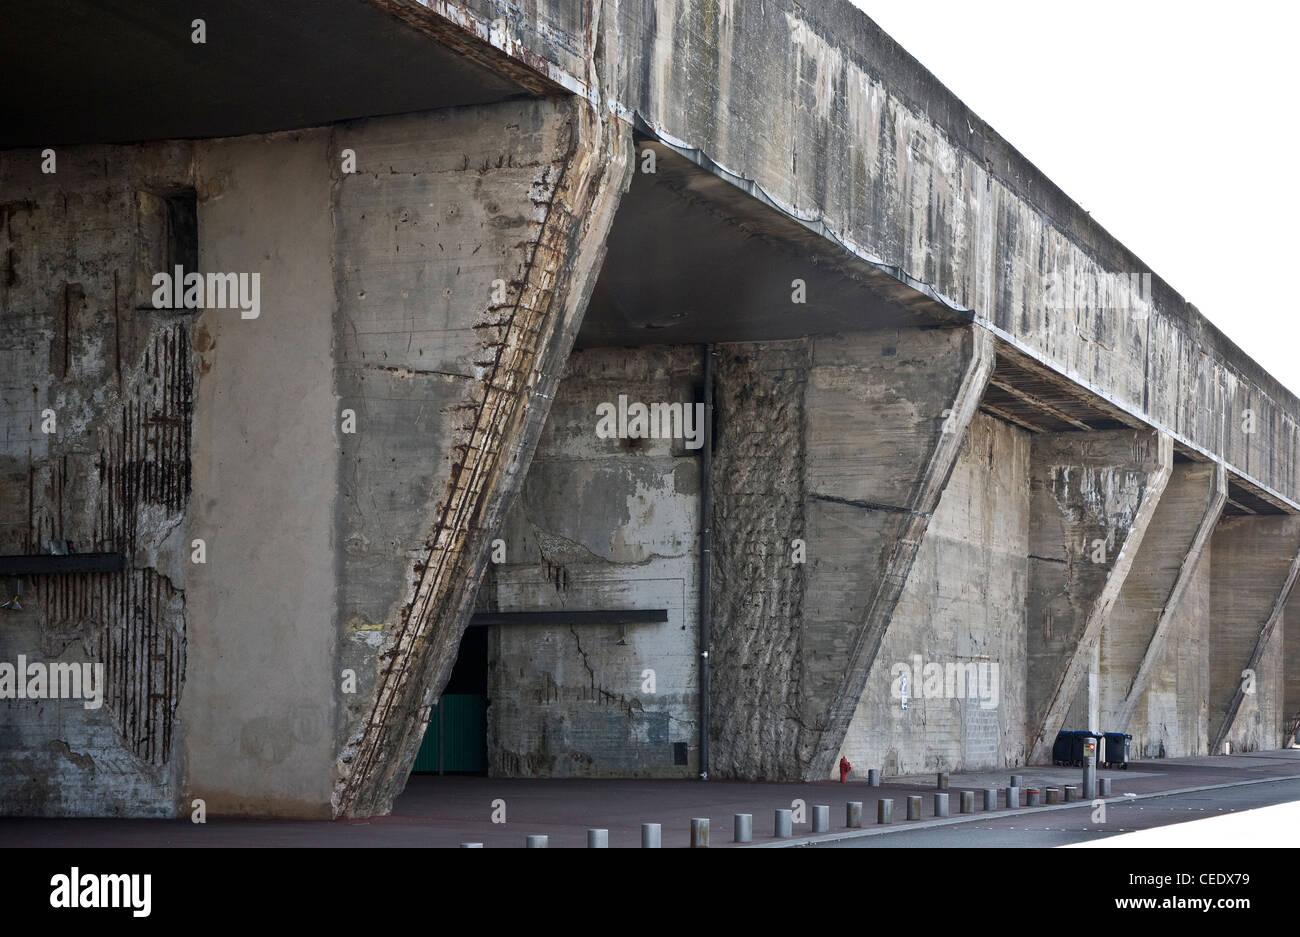 Saint-Nazaire, ehemalige deutsche U-Boot-Bunker - Stock Image